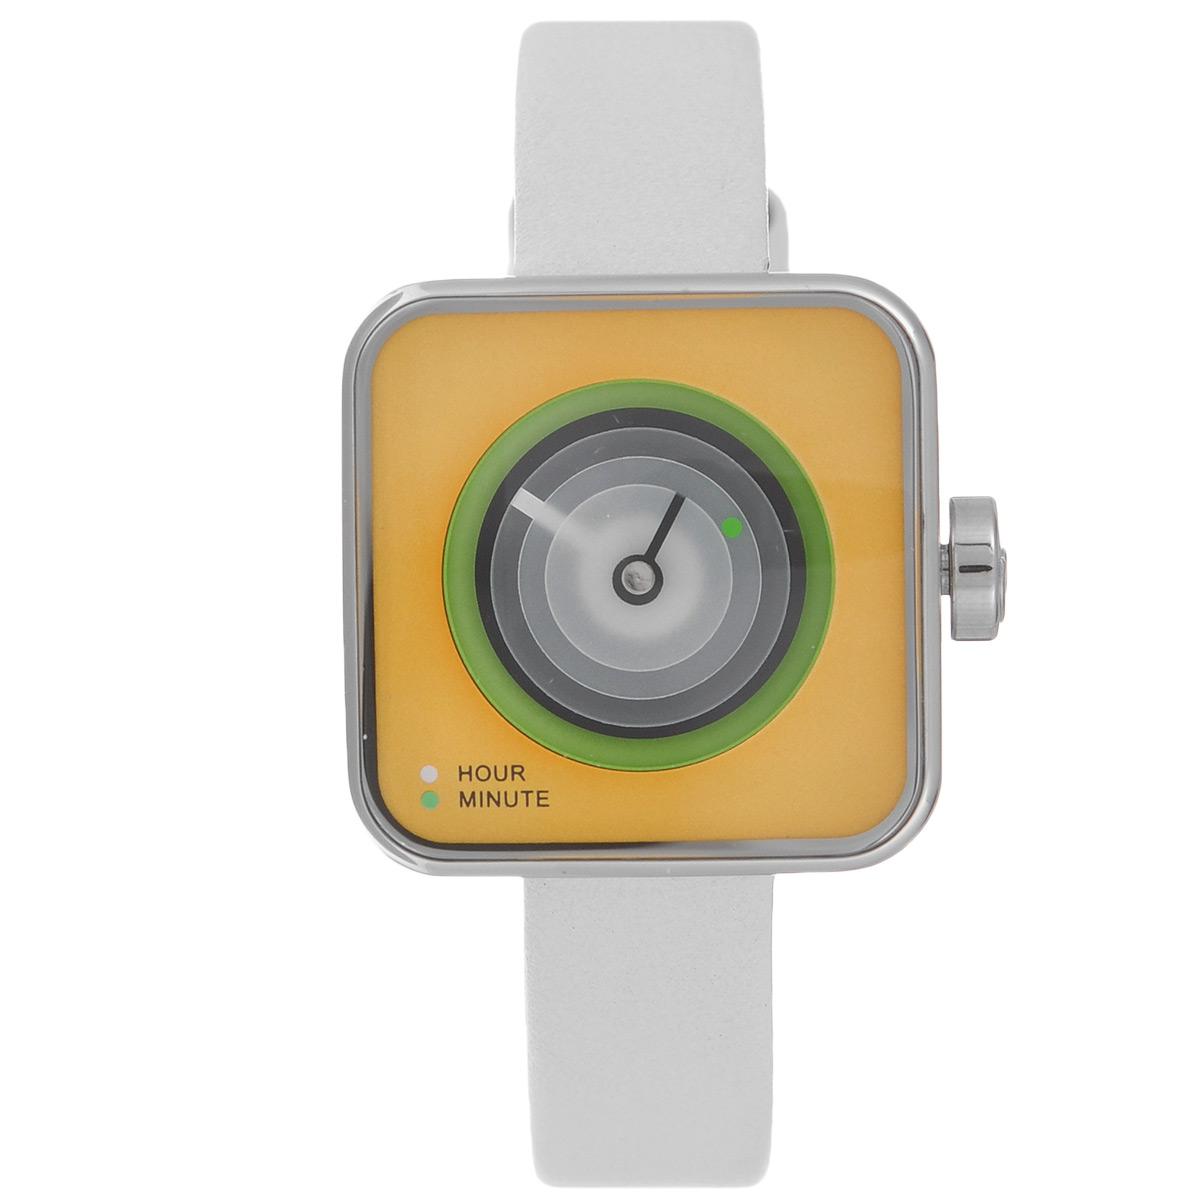 Часы наручные женские Tacs Dice-C, цвет: желтый. TS1007CTS1007CОригинальные кварцевые наручные часы Tacs созданы для людей, ценящих качество, практичность и индивидуальность в каждой детали. Строгая цветовая гамма и минималистический дизайн позволяет сочетать часы с любыми предметами гардероба. Часы оснащены японским кварцевым механизмом Miyota 2036. Квадратный корпус с закругленными углами, напоминающий по форме игральную кость, выполнен из сверкающей нержавеющей стали. Трехслойные подвижные диски на циферблате указывают время. Нижний диск с насечкой белого цвета указывает часы, средний диск с насечкой зеленого цвета - минуты. Верхний диск - с секундной стрелкой черного цвета. Цифры на циферблате отсутствуют. Циферблат защищен прочным минеральным стеклом, устойчивым к царапинам и повреждениям. Браслет часов, выполненный из натуральной кожи белого цвета, долговечен и очень практичен в использовании. Застегивается на классическую застежку-пряжку. Оригинальные яркие часы Tacs покорят вас неординарным дизайном, а...